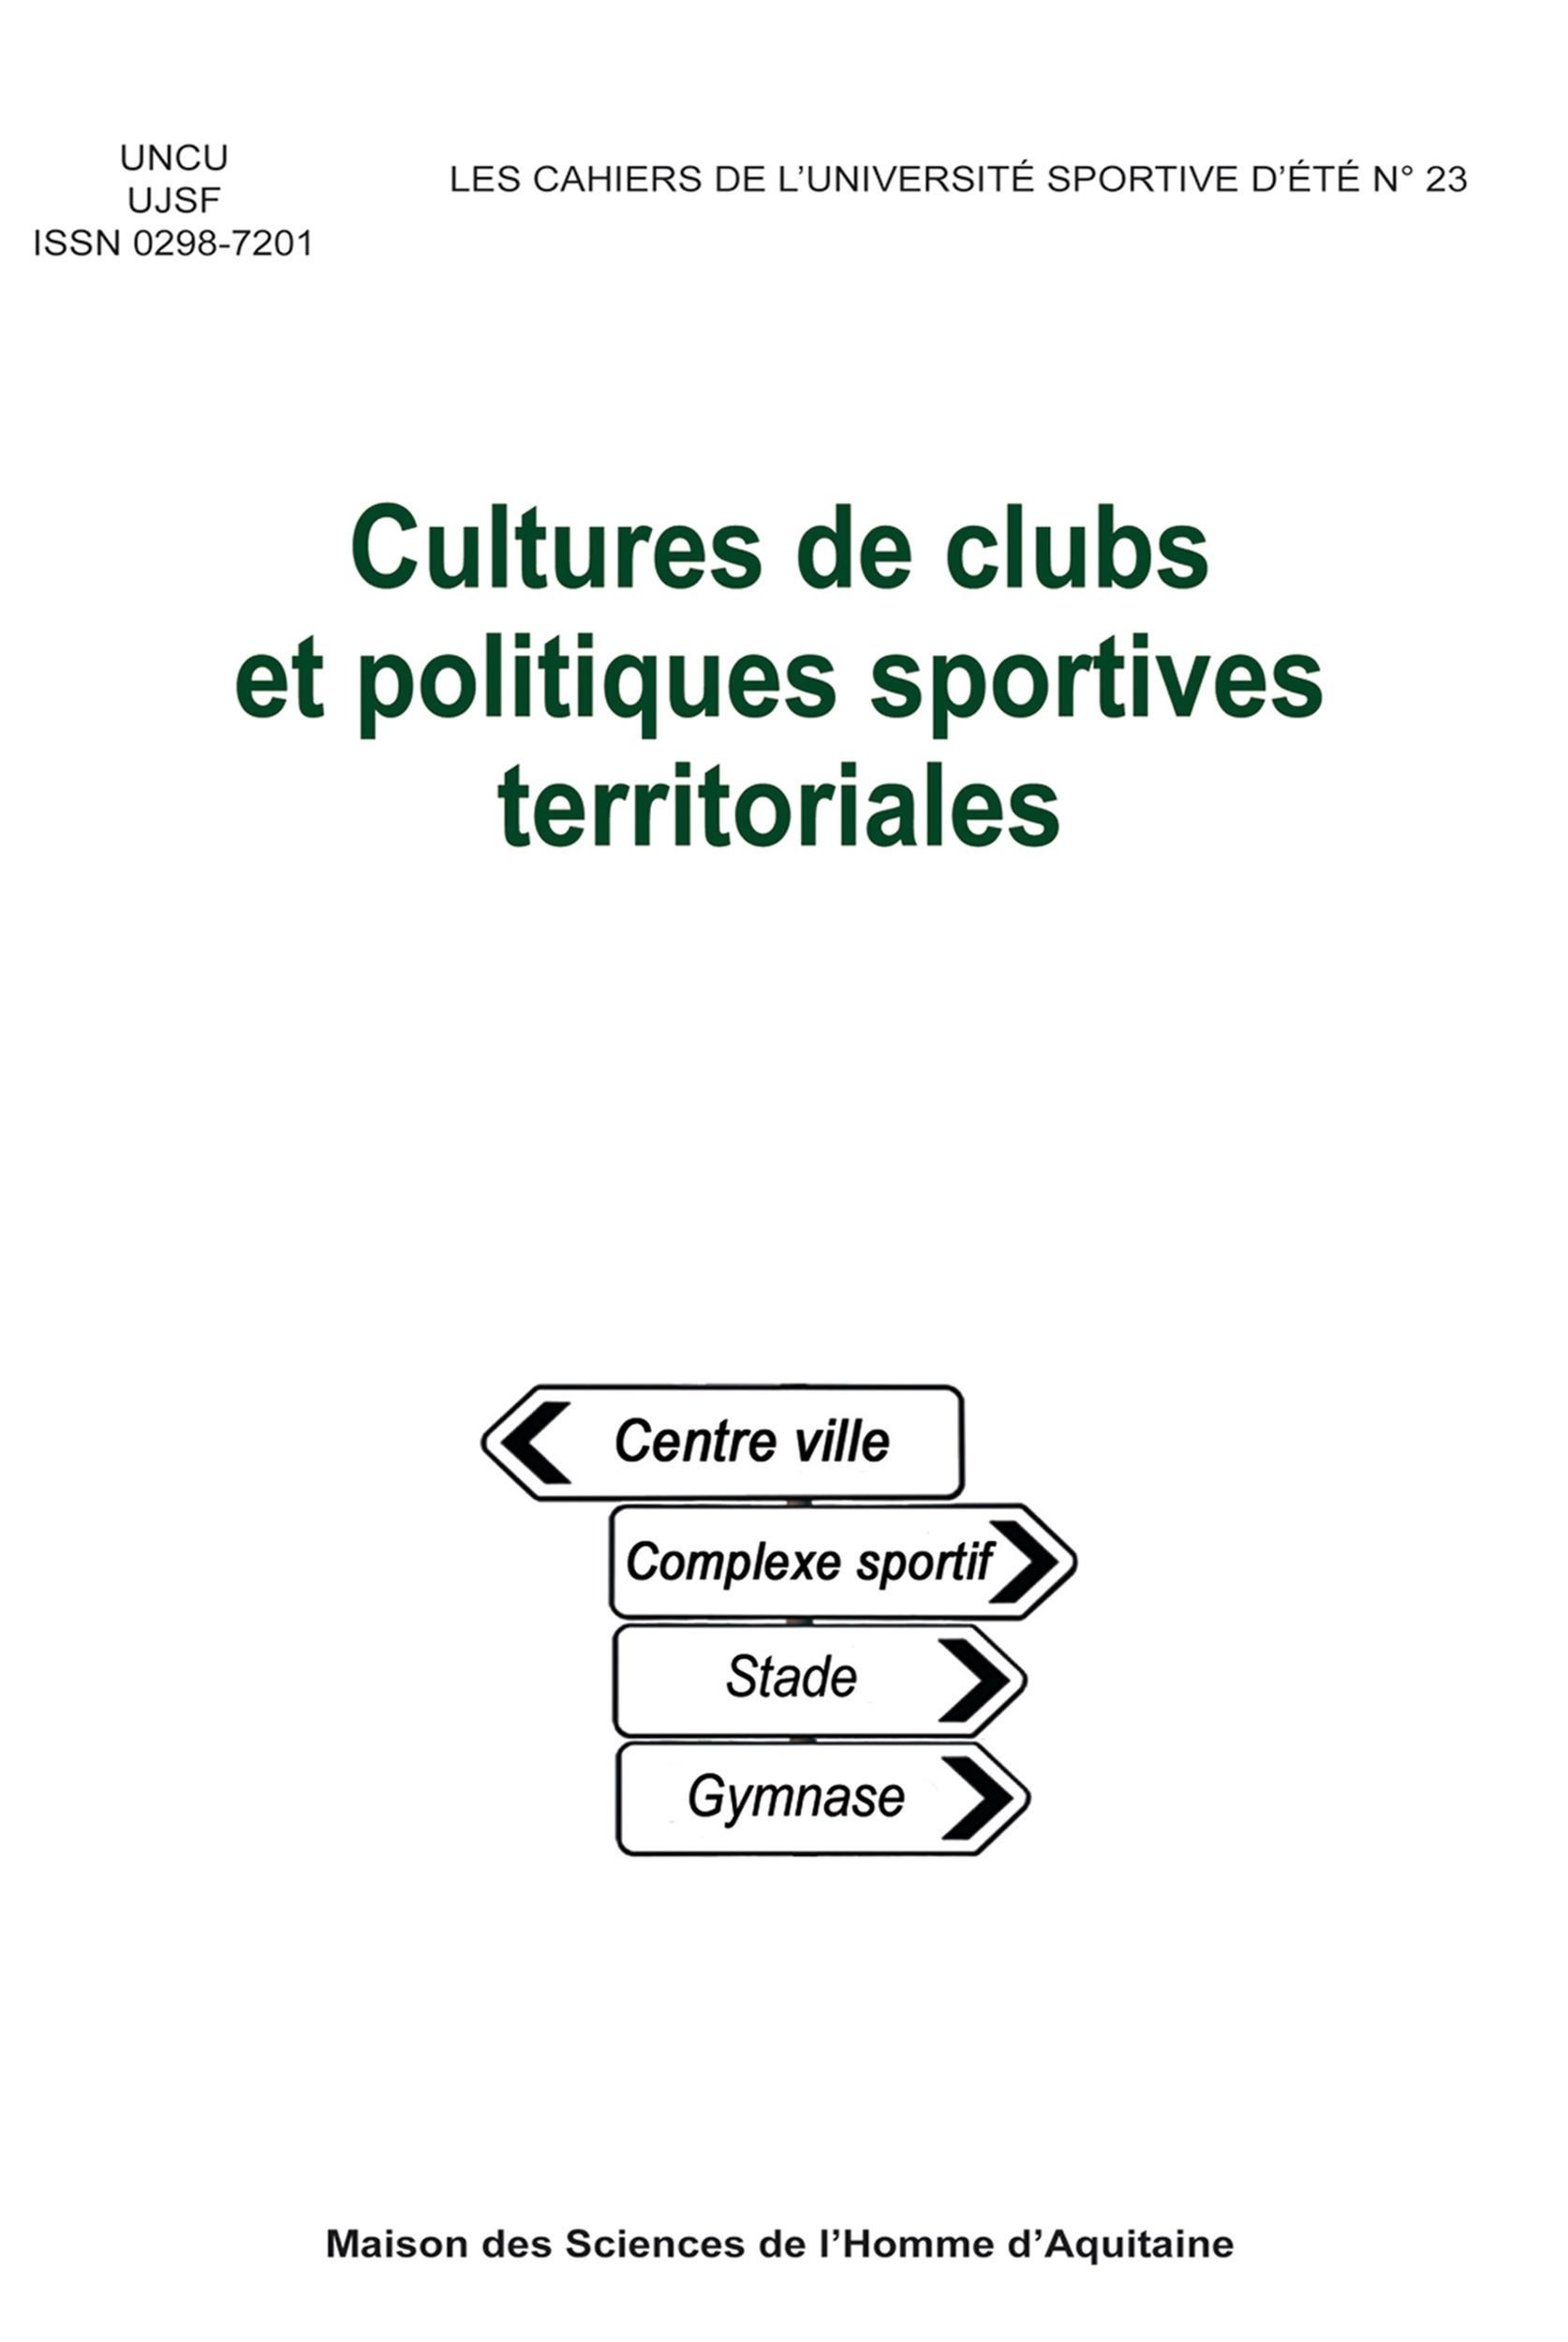 Cultures de clubs et politiques sportives territoriales